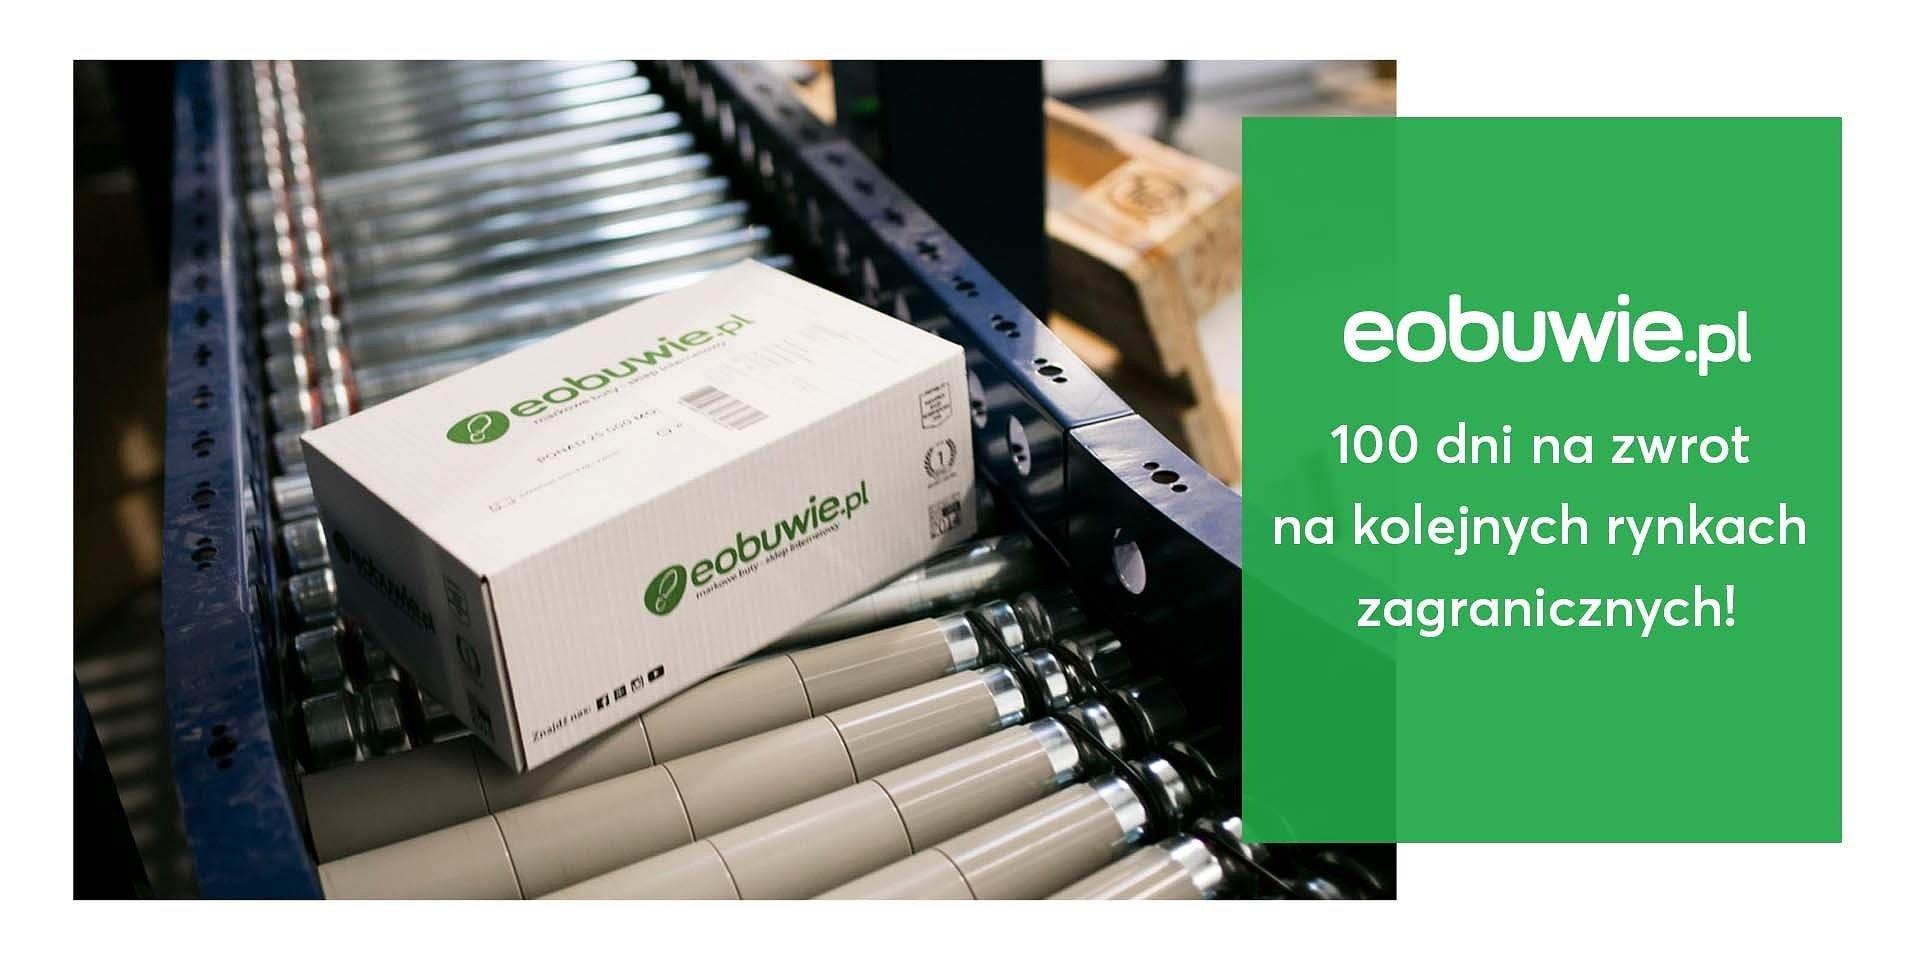 Eobuwie.pl wprowadza 100 dni na darmowy zwrot na kolejnych europejskich rynkach